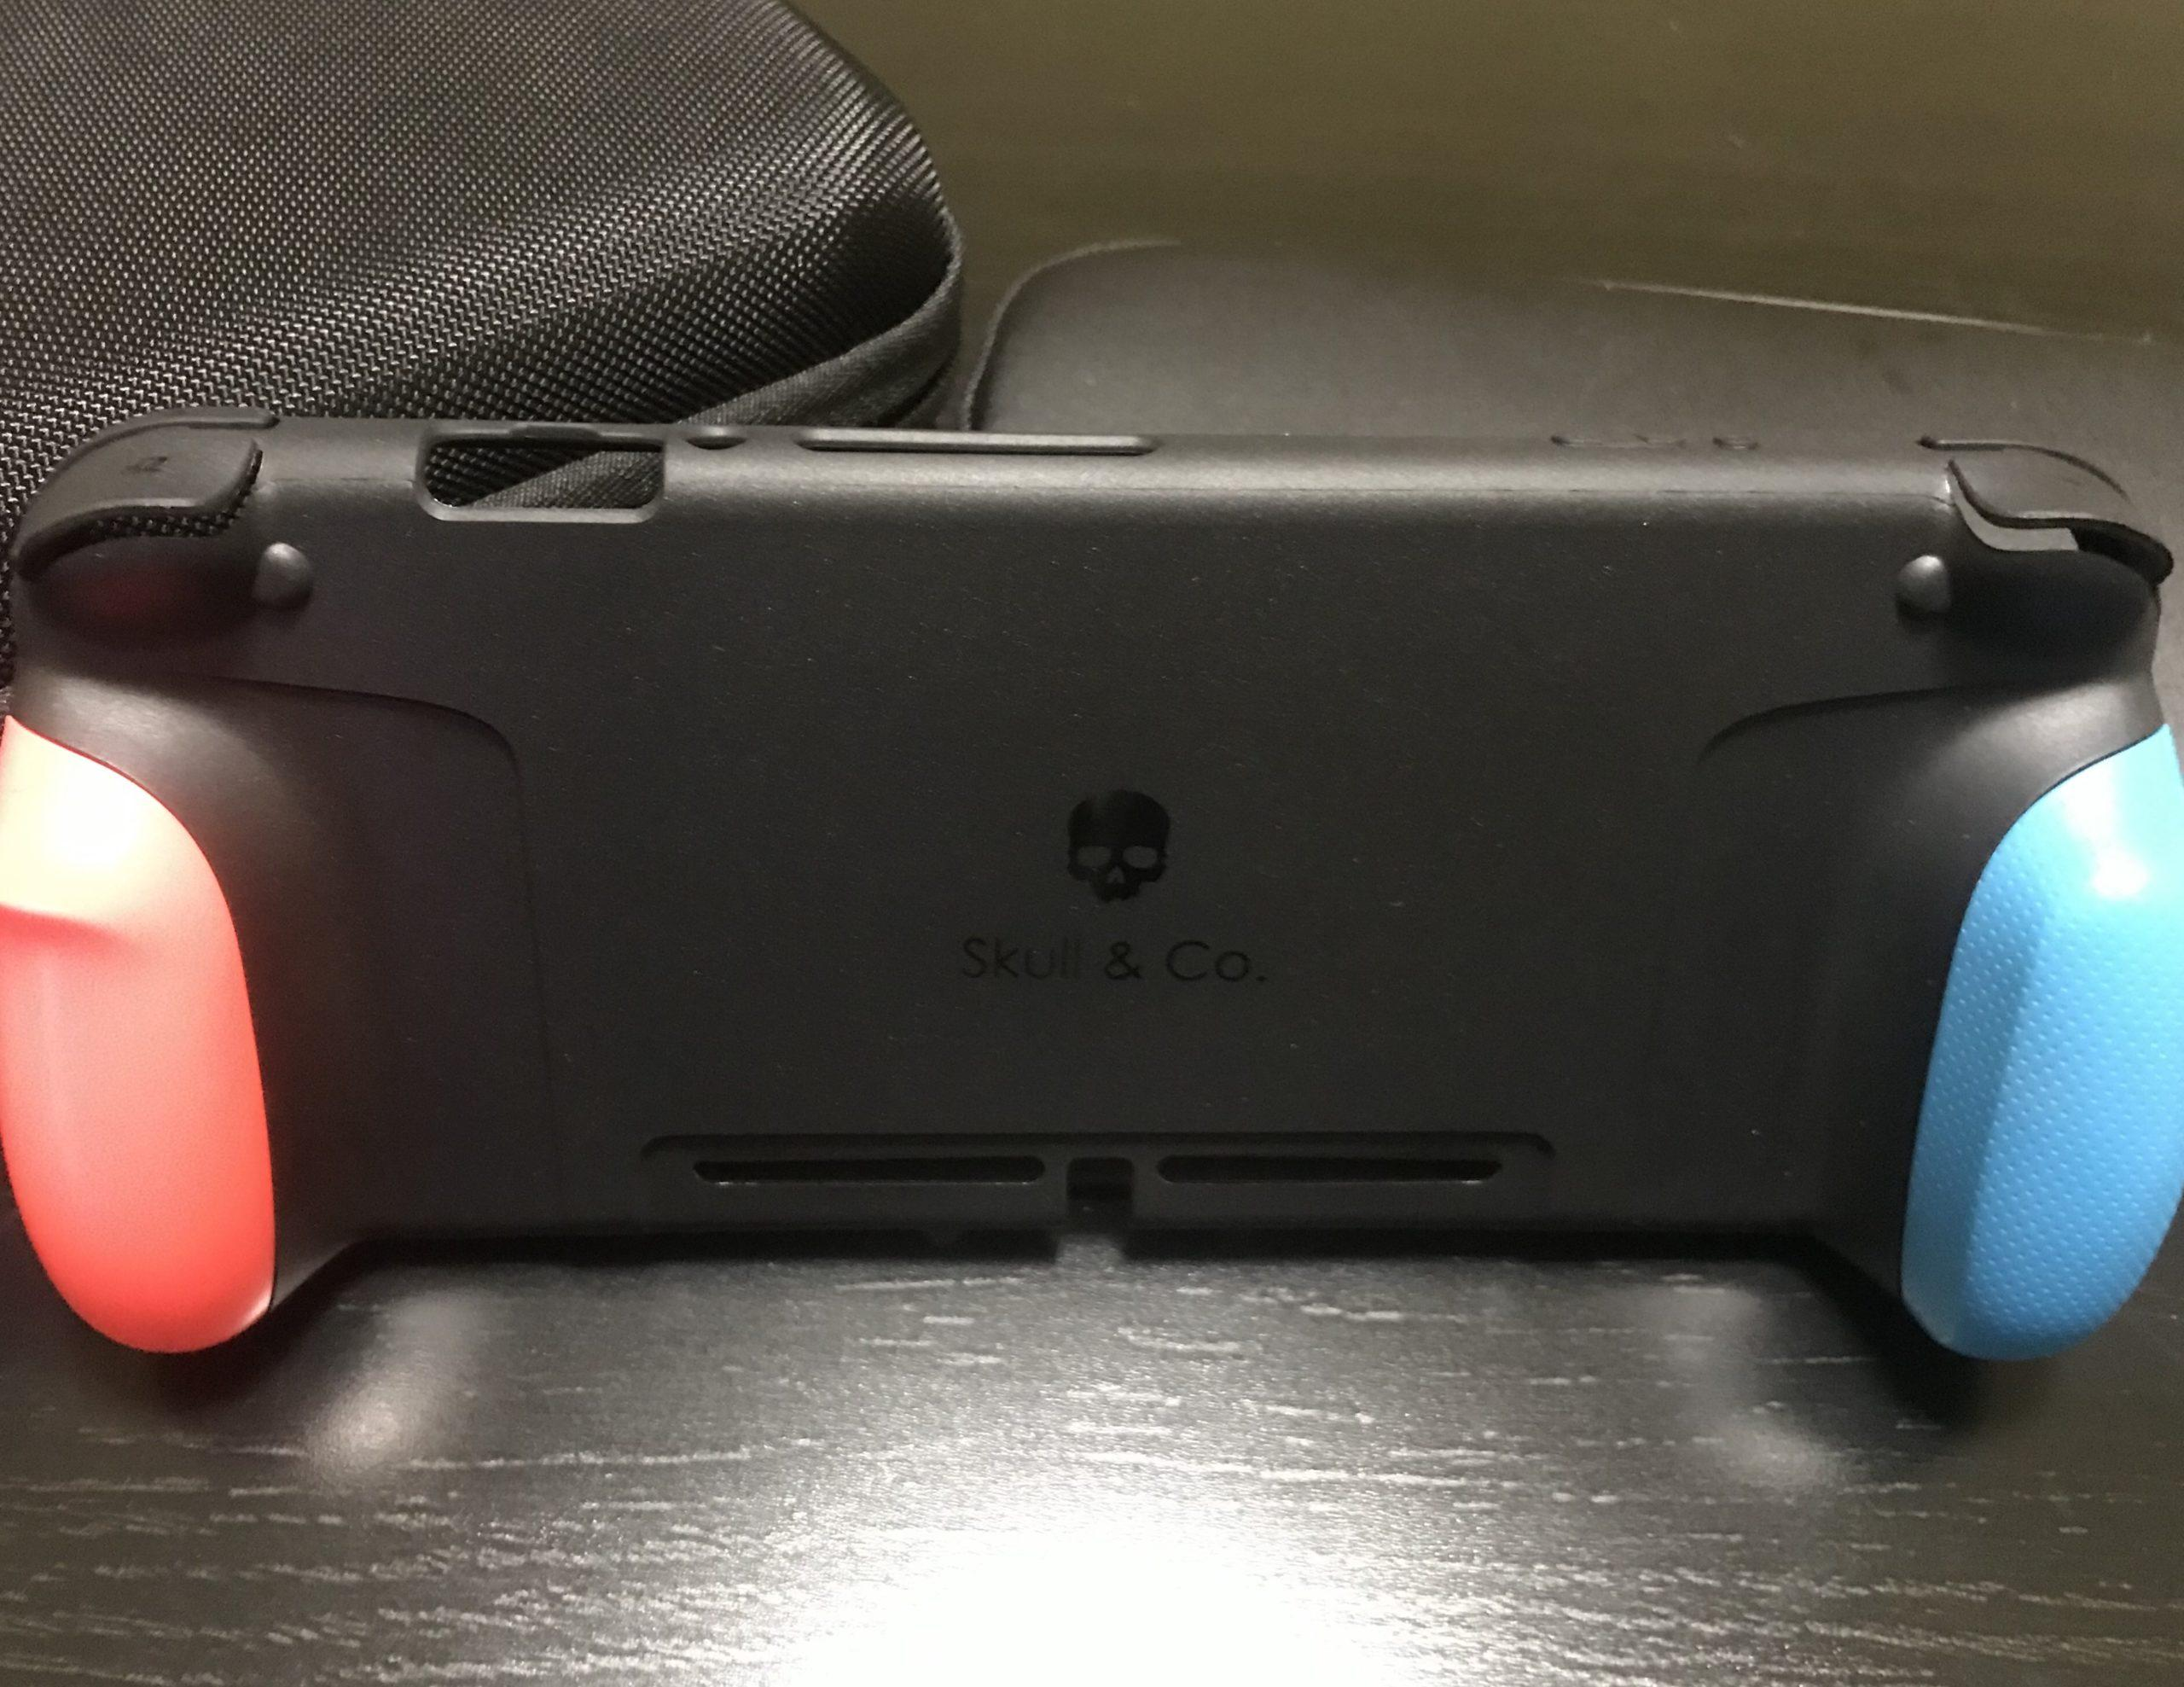 Обзор чехла для Nintendo Switch от Skull & Co 4